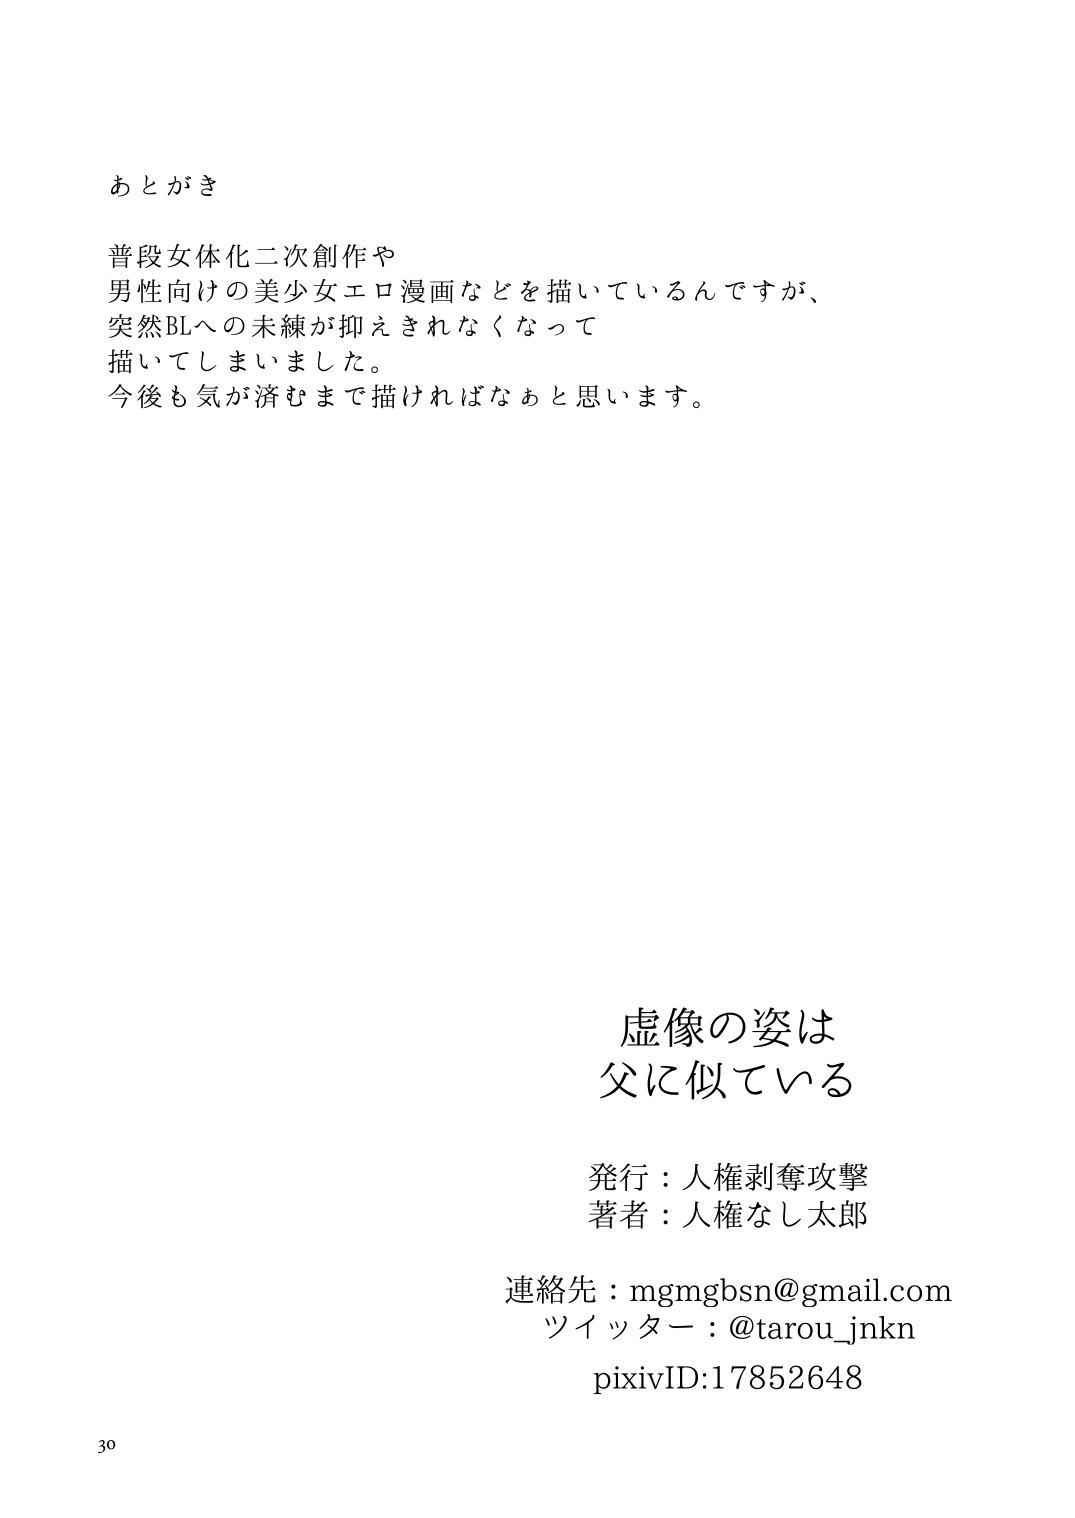 Kyozou no Sugata wa Chichi ni Nite iru 28